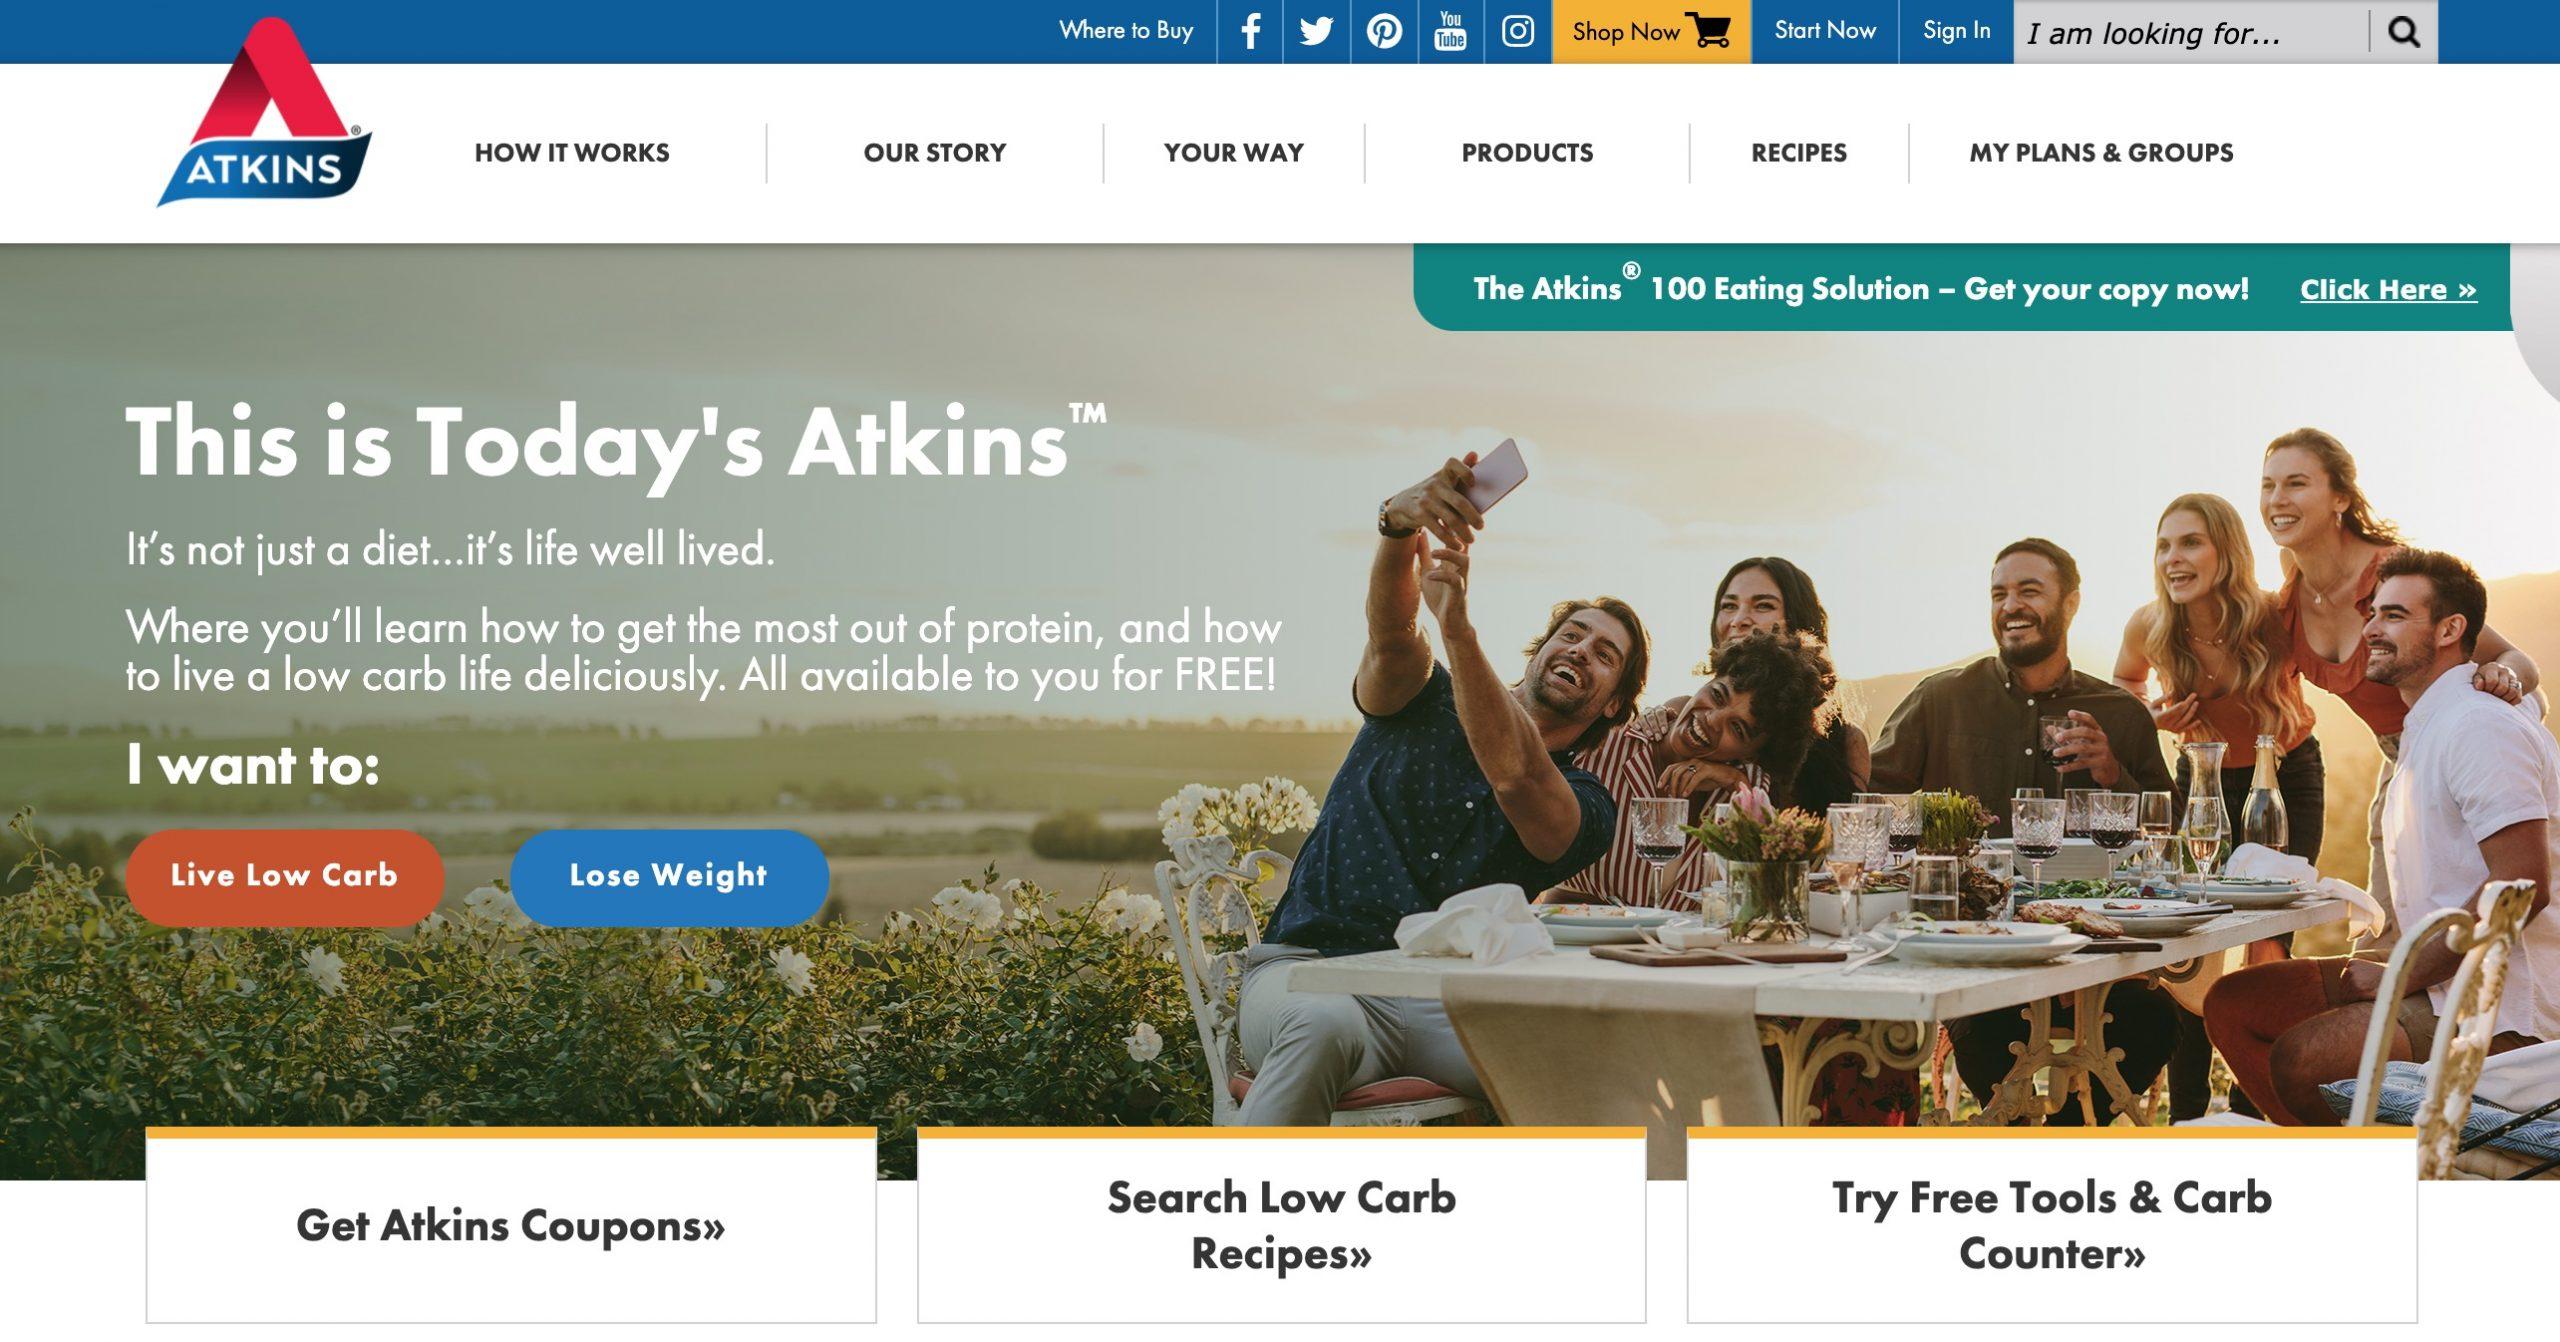 Atkins main page